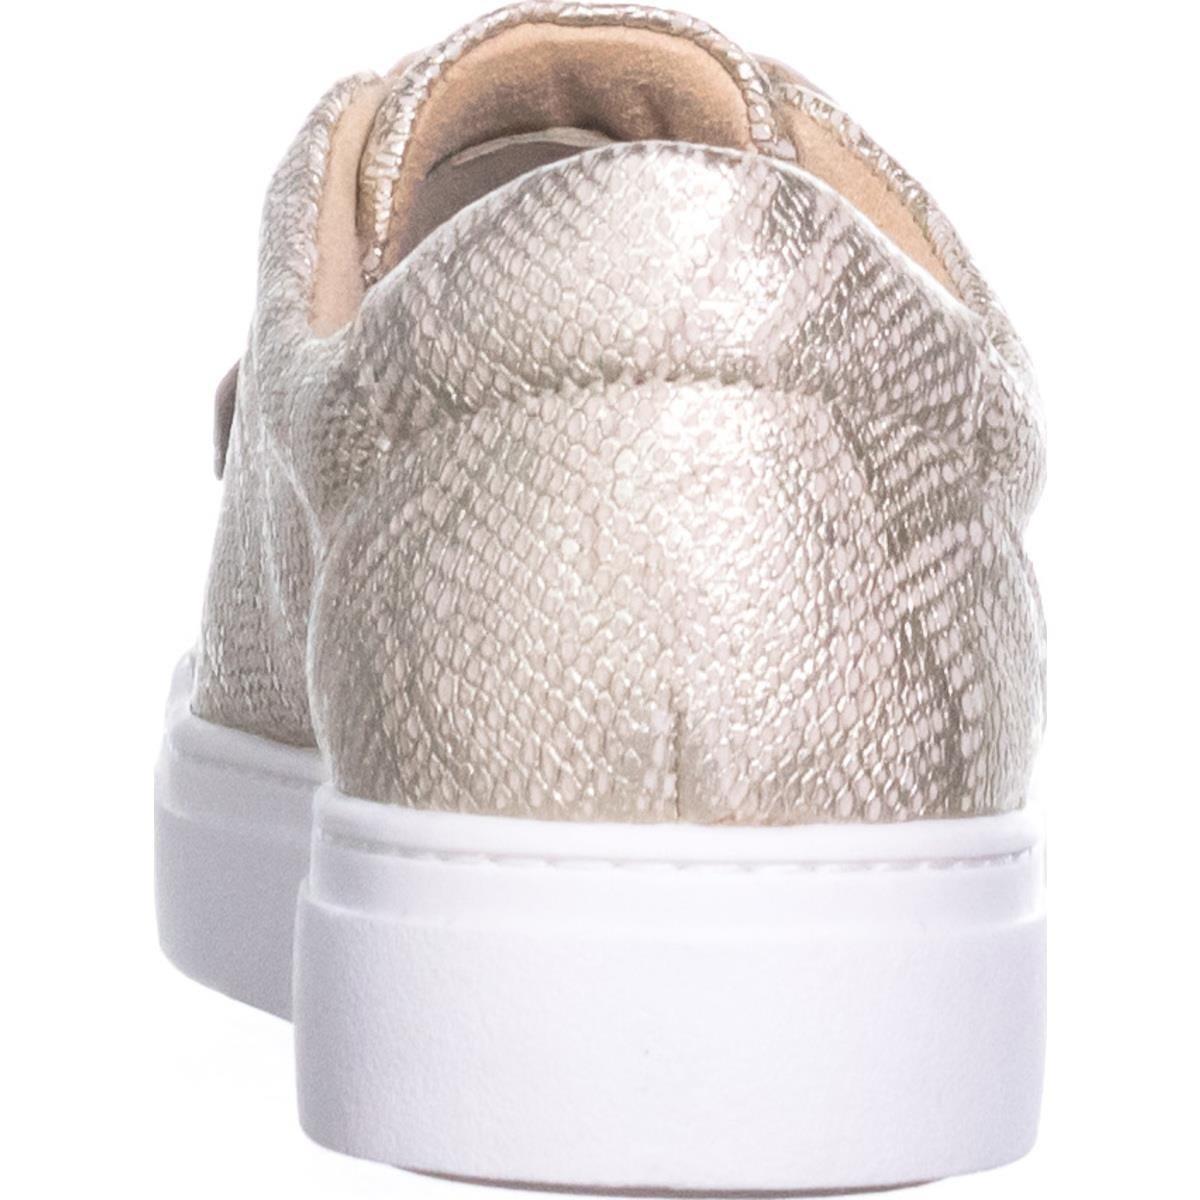 Naturalizer Women's Charlie Sneaker B0713S5FBZ Snake 9.5 B(M) US|Taupe Metallic Snake B0713S5FBZ c34583